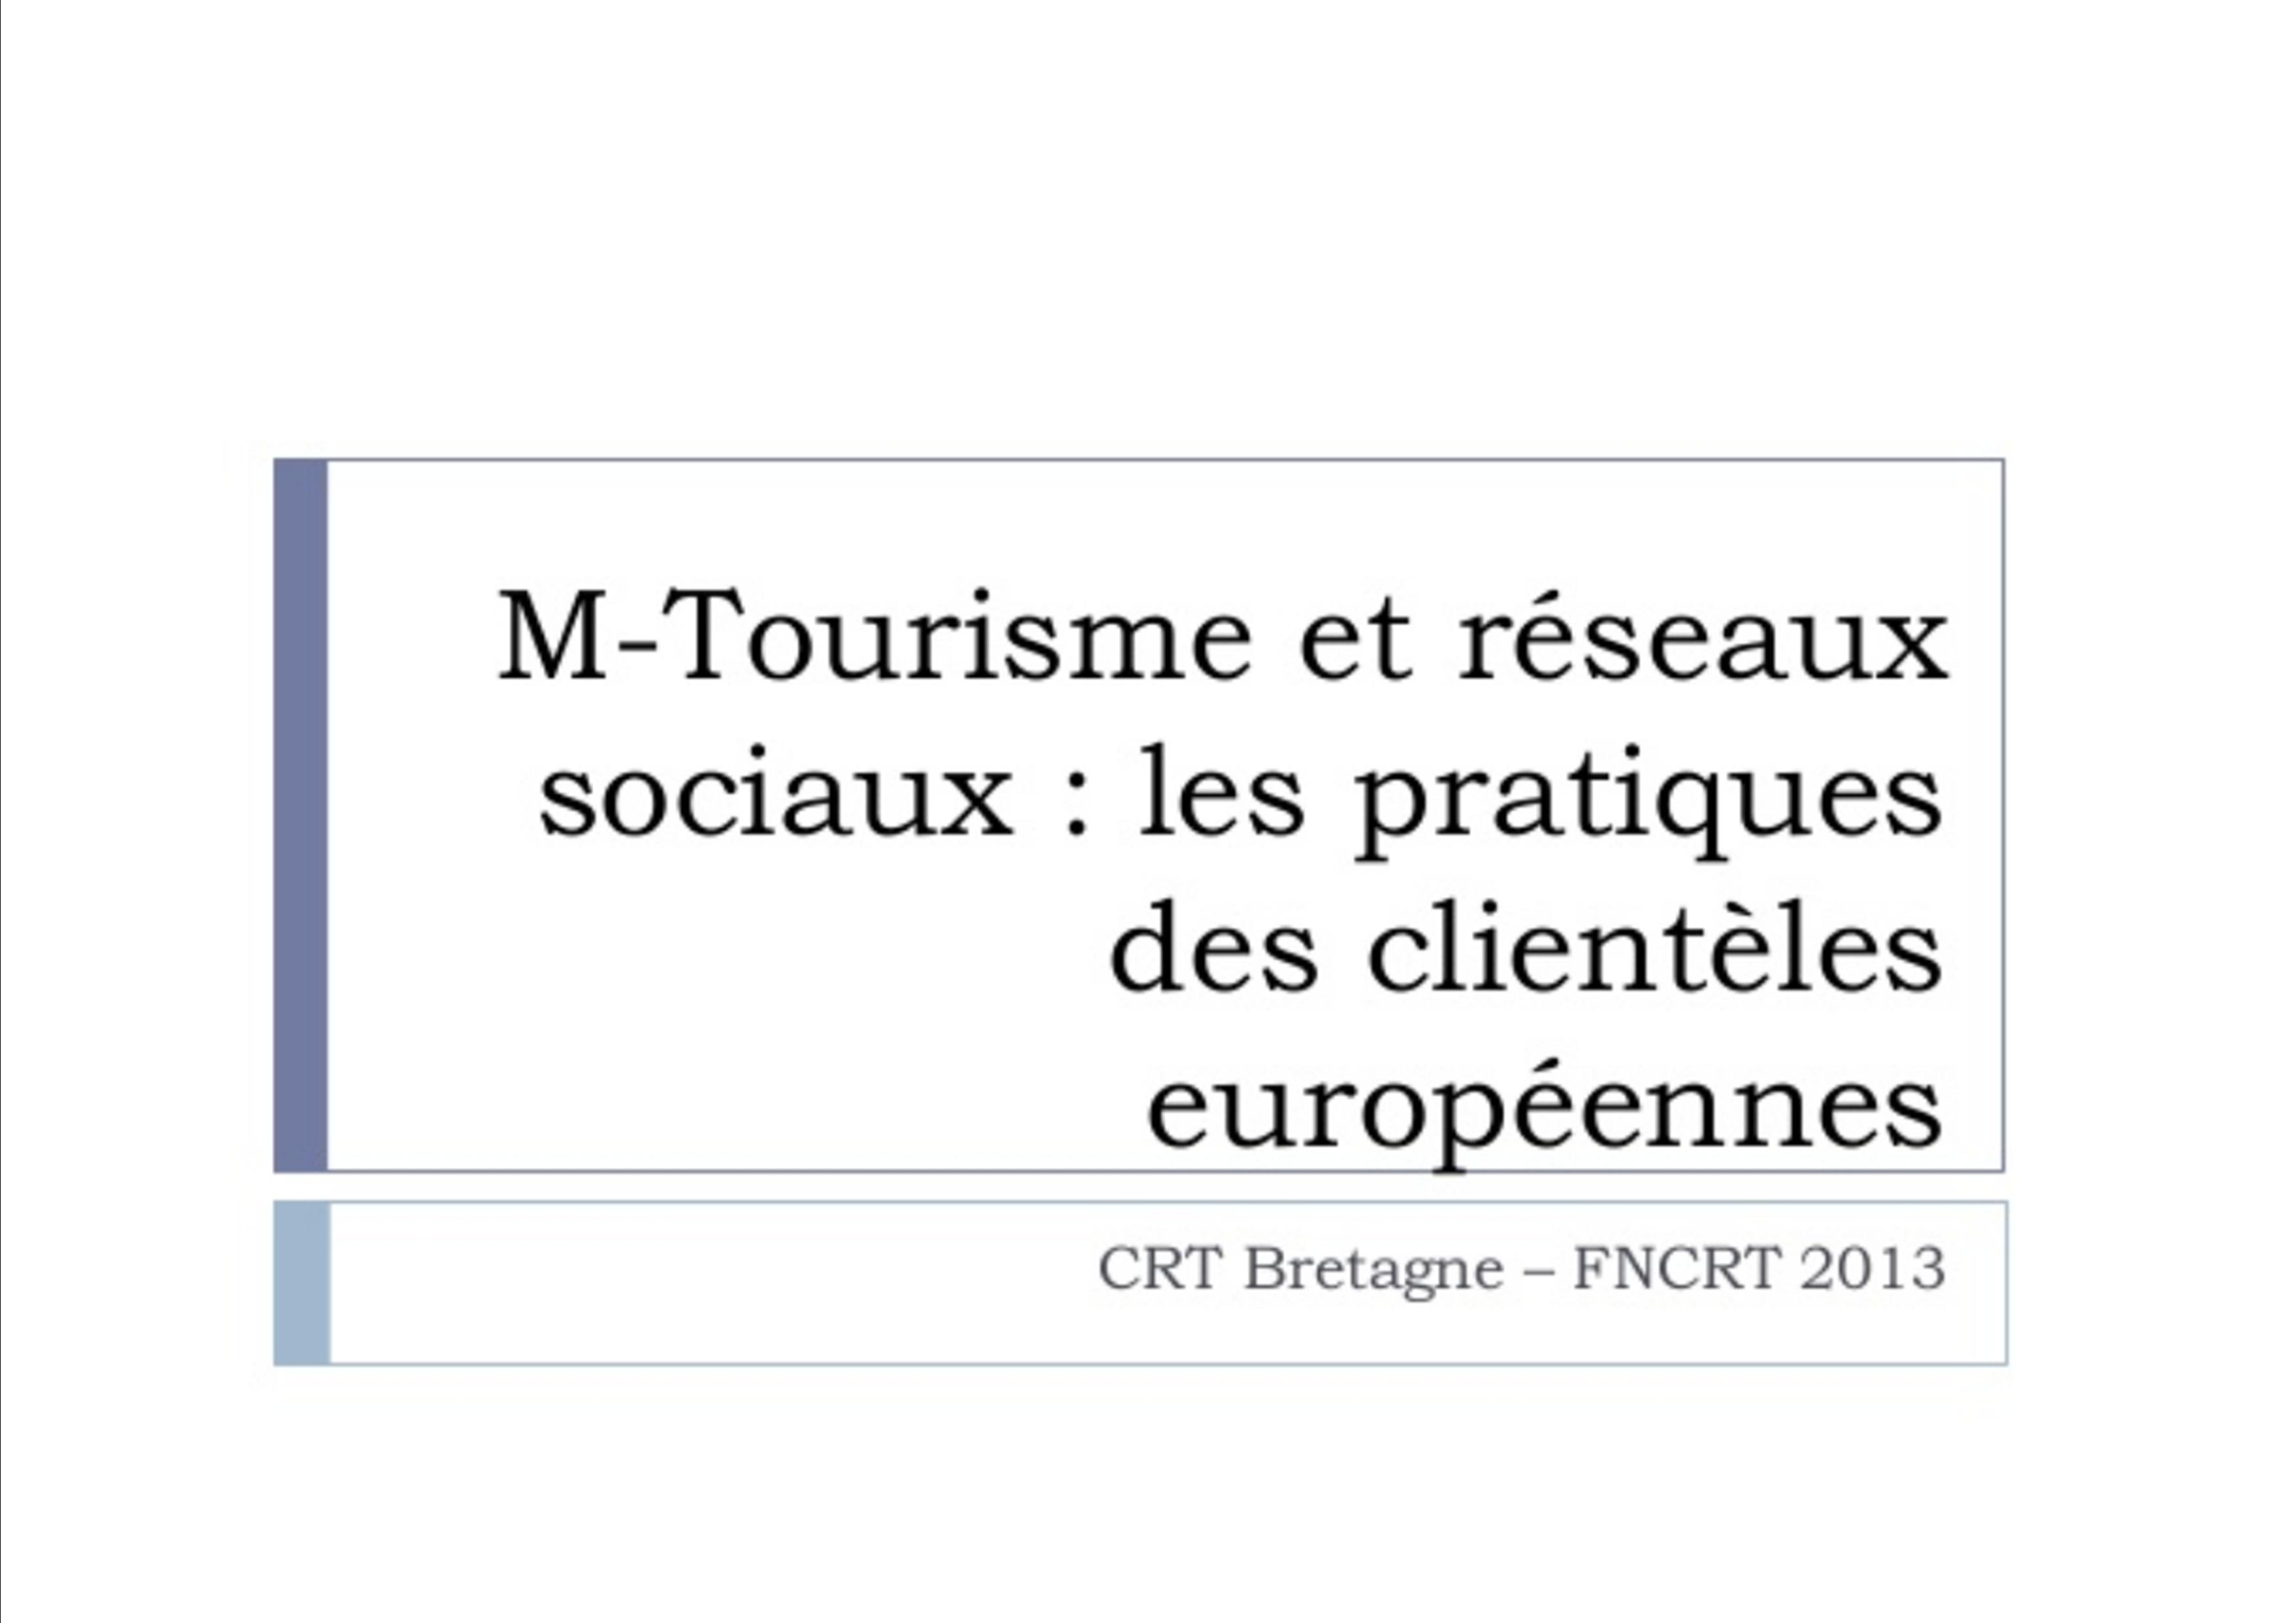 M-Tourisme